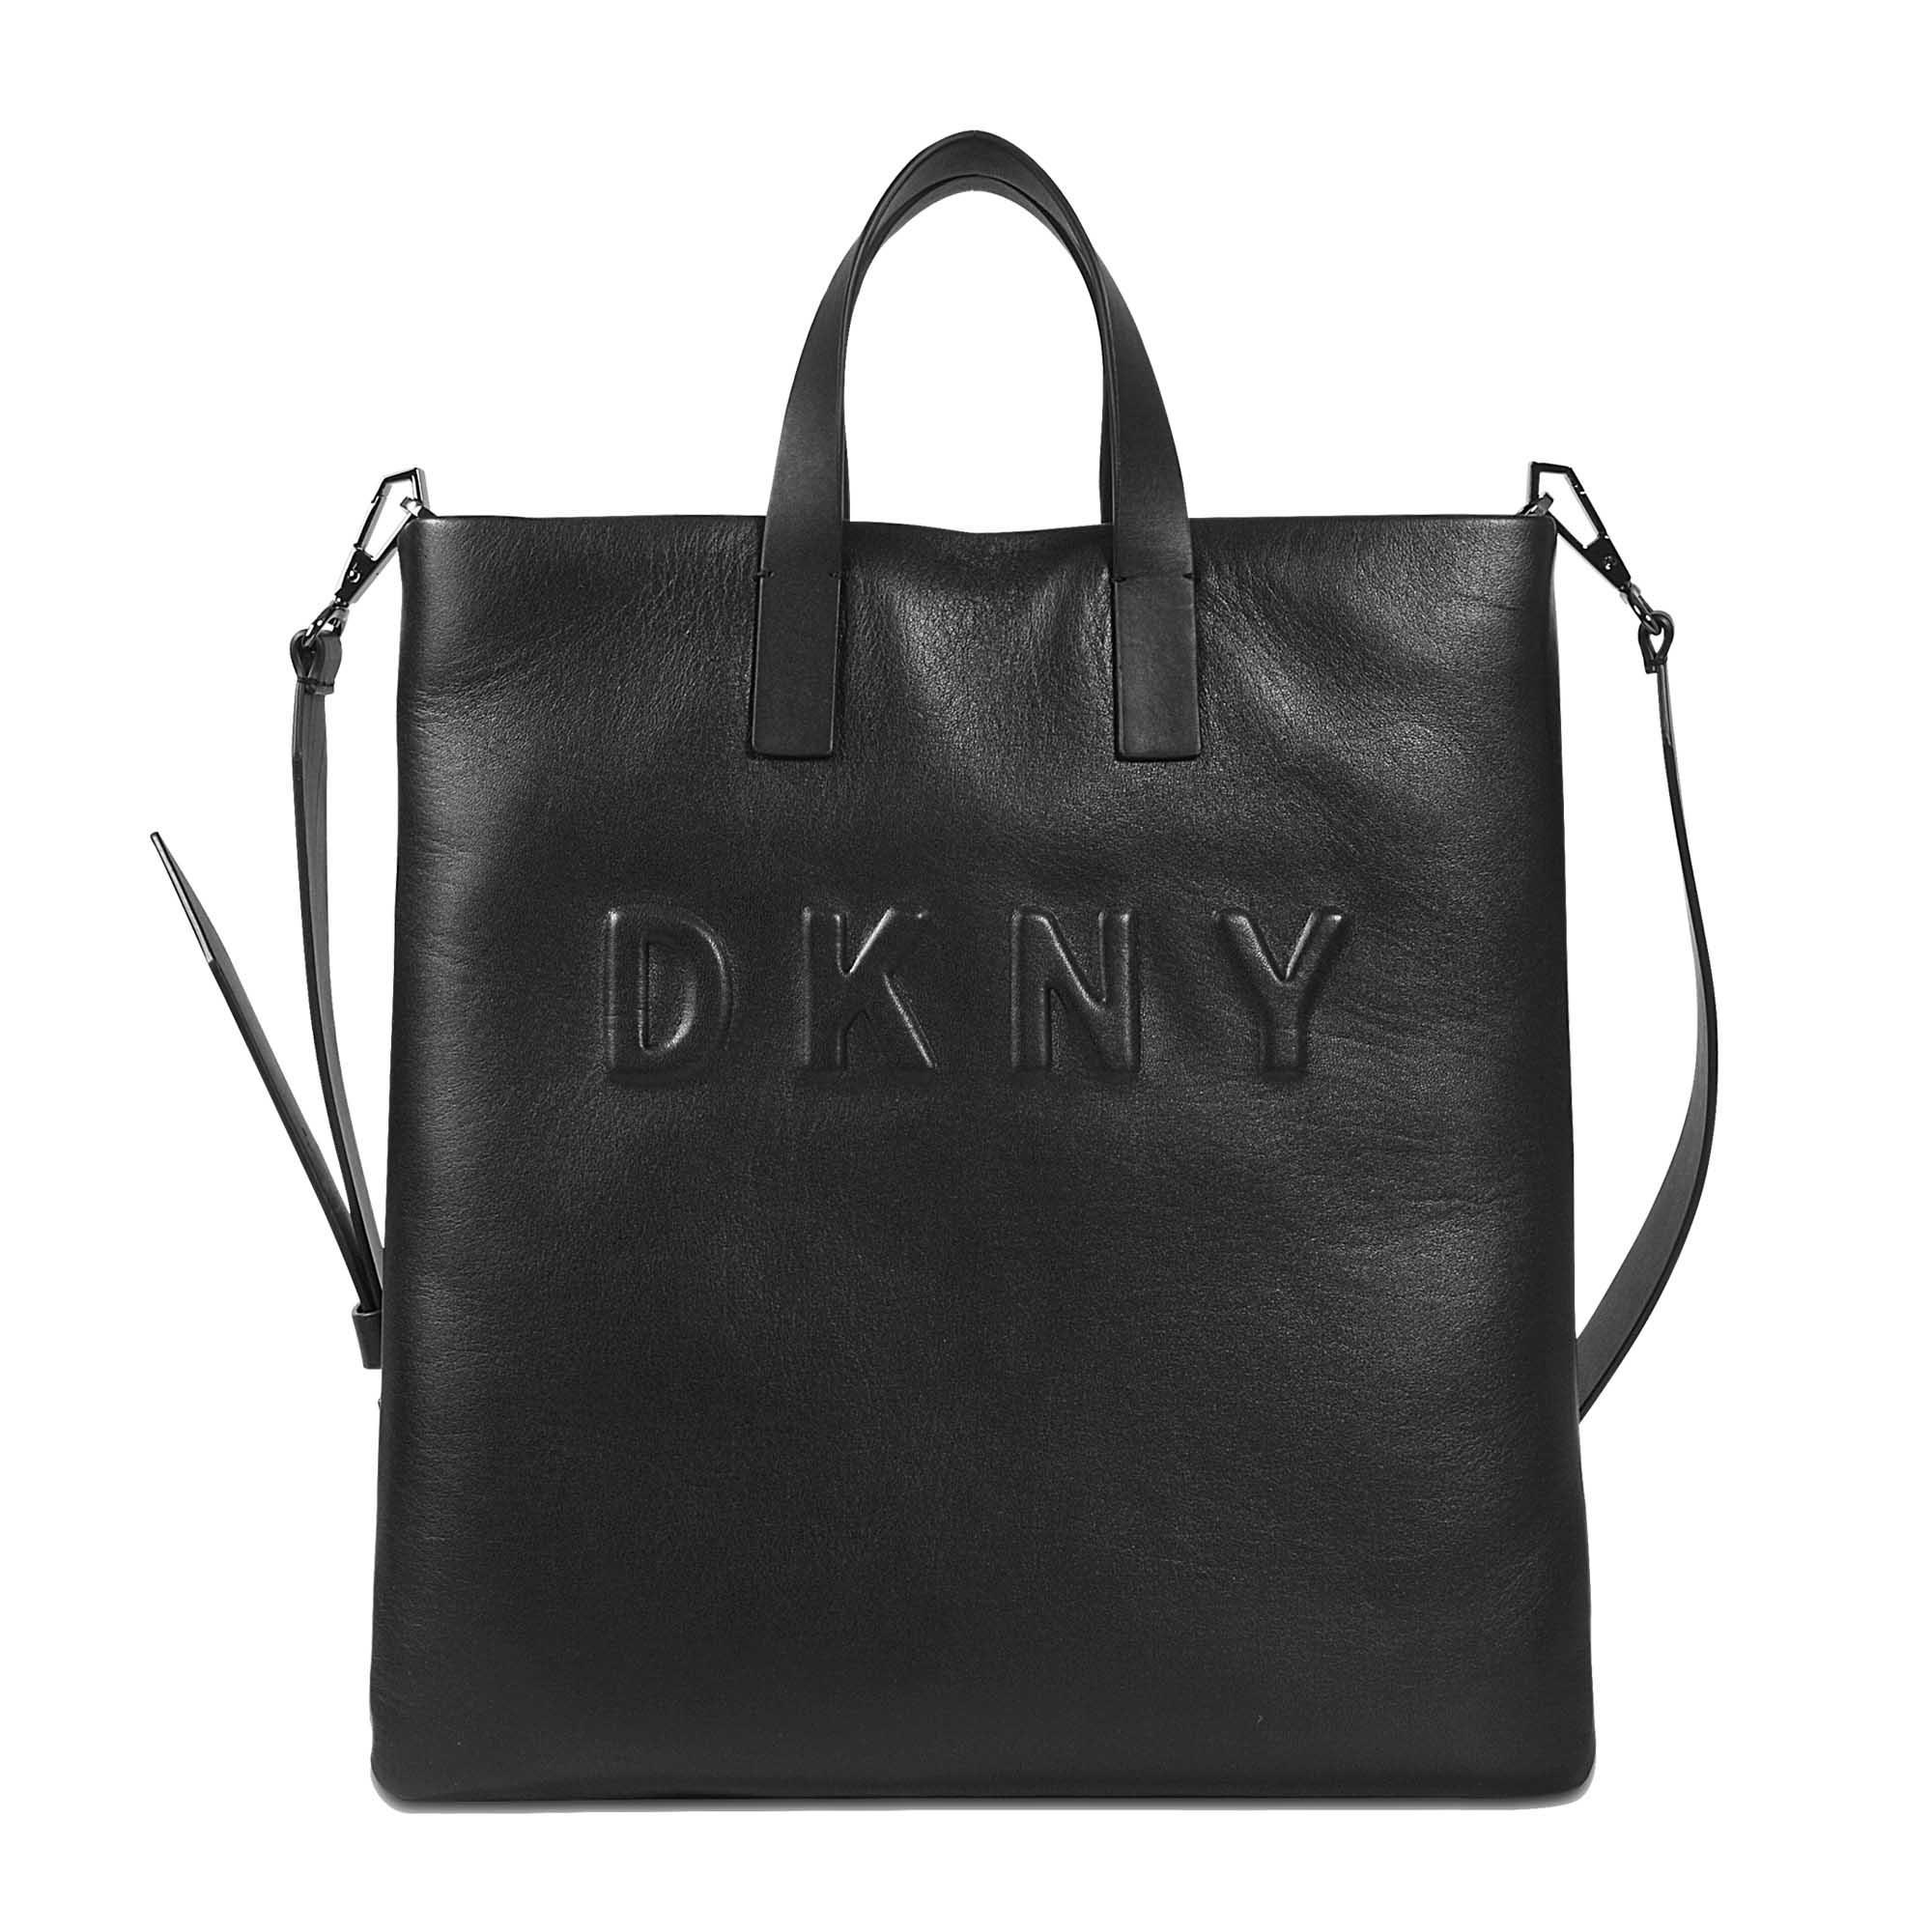 Dkny Debossed Logo Tote Bag in Black